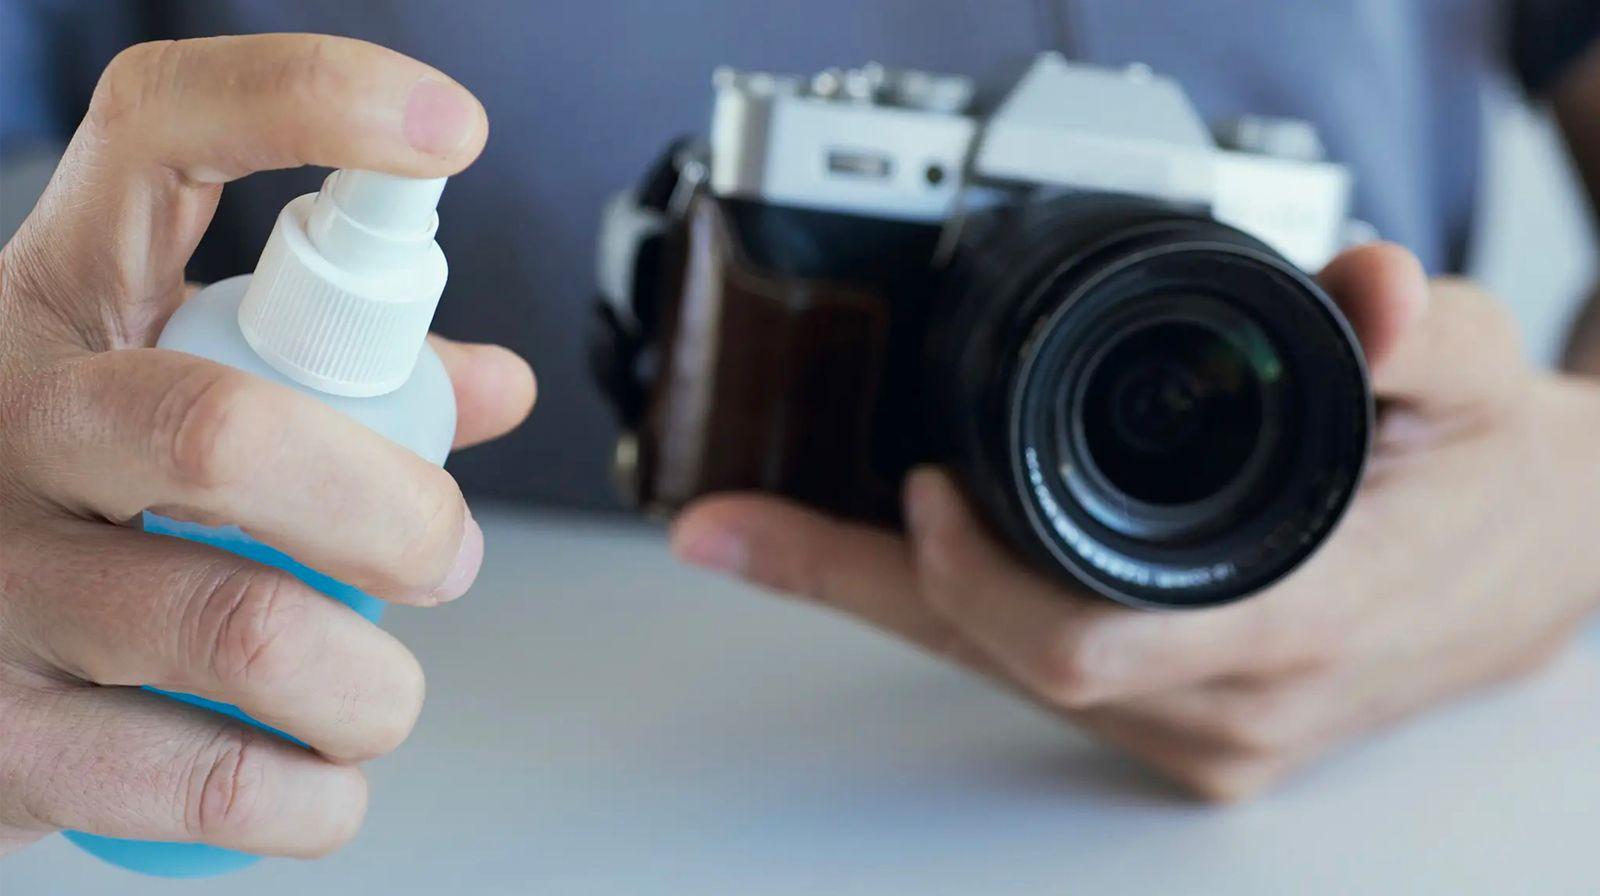 Koop / Heise / Kameras desinfizieren